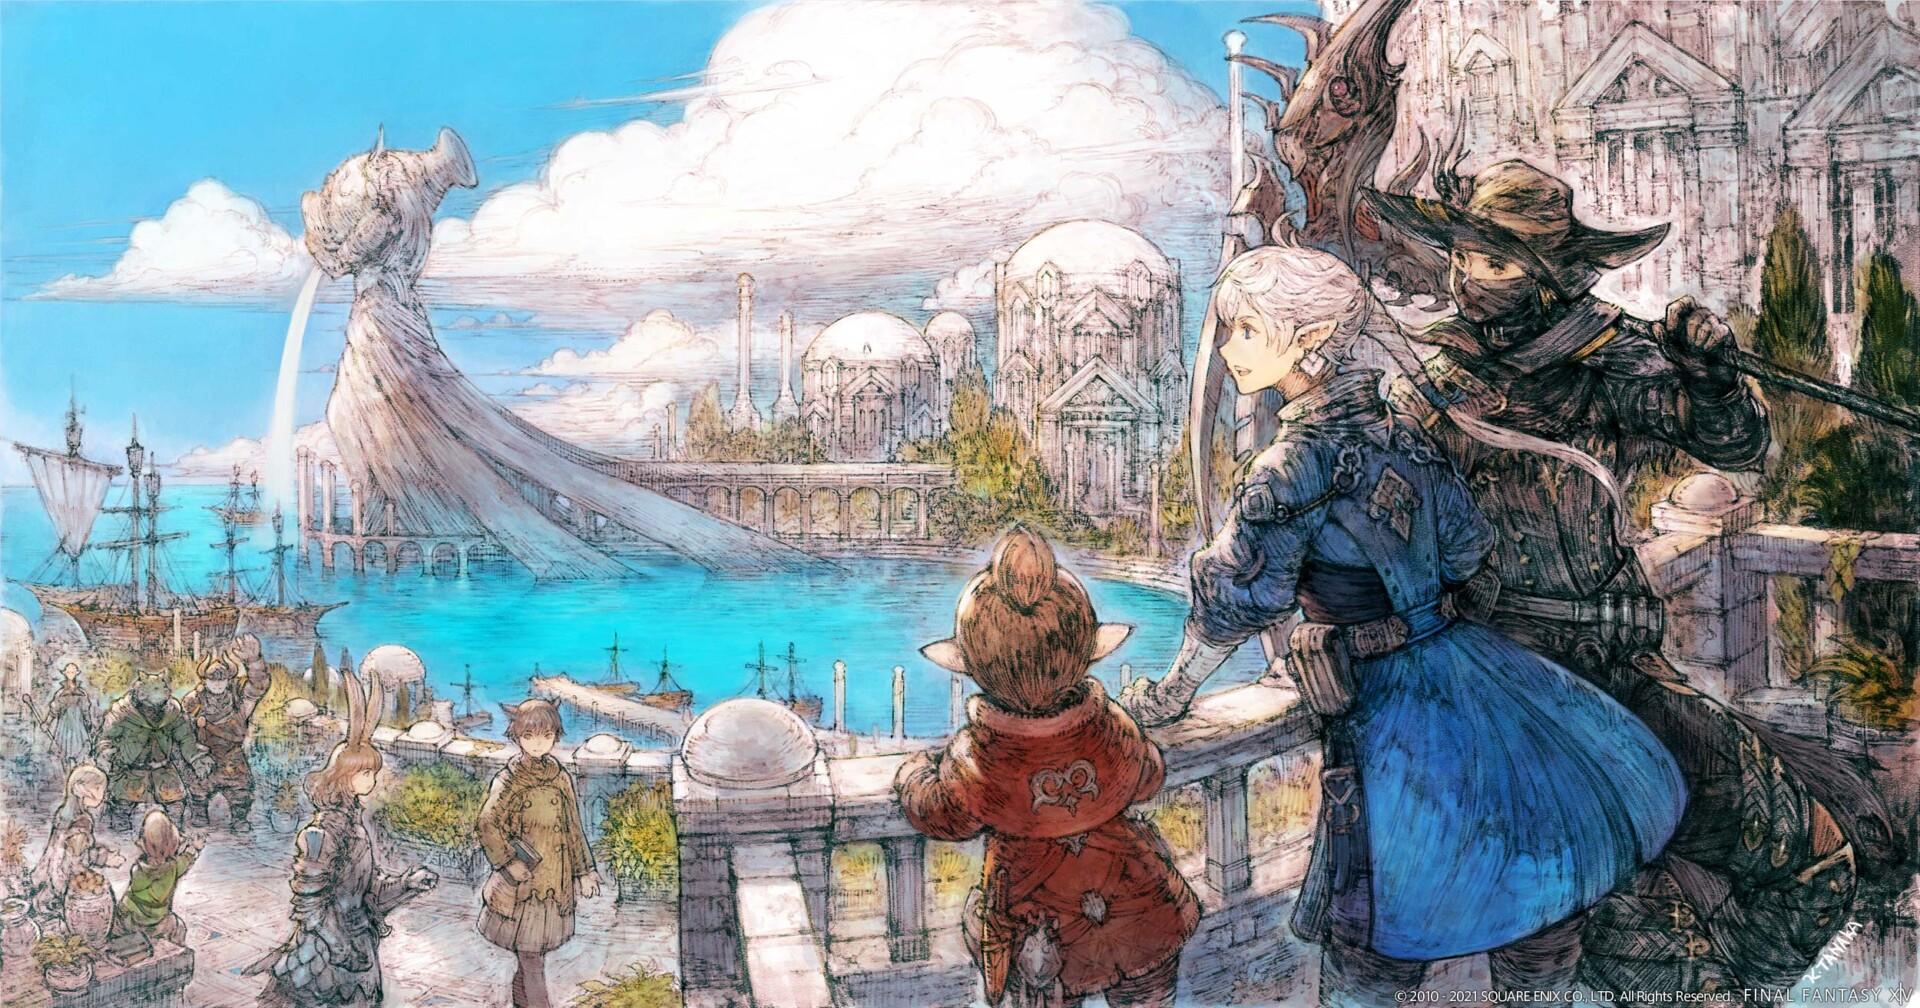 final-fantasy-xiv:-endwalker-job-changes,-reaper,-and-sage-detailed